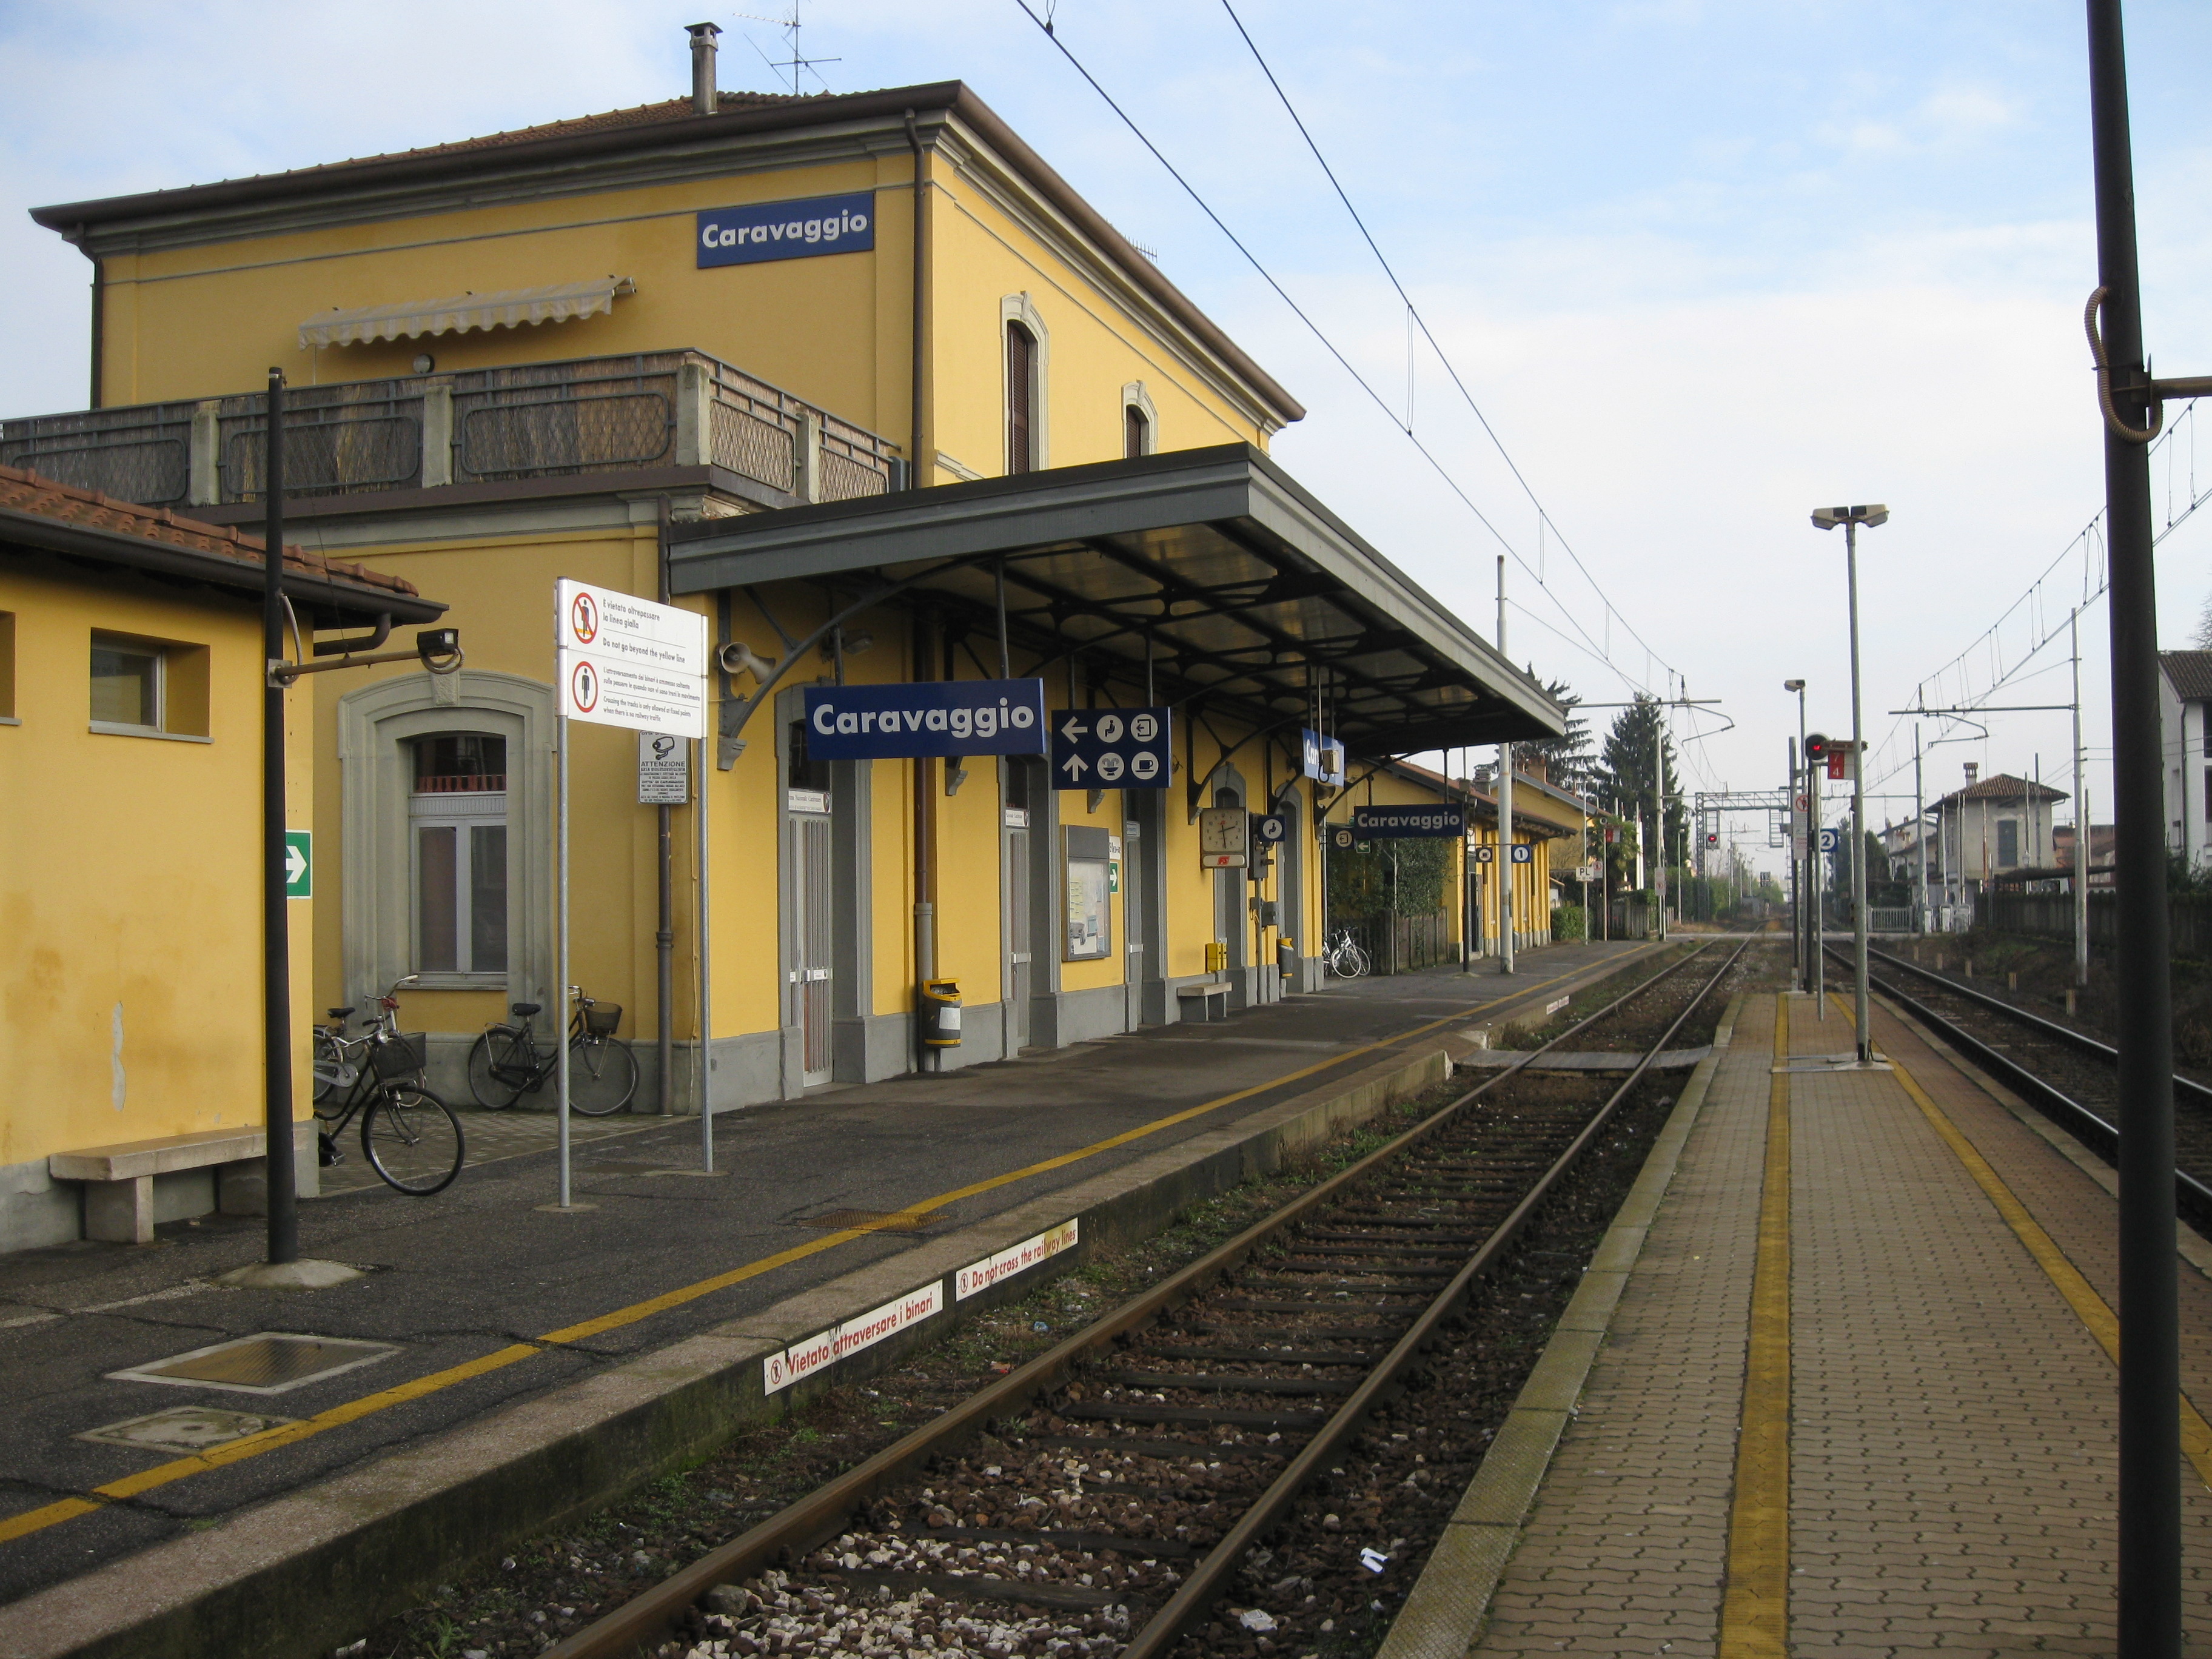 Caravaggio, Lombardy #